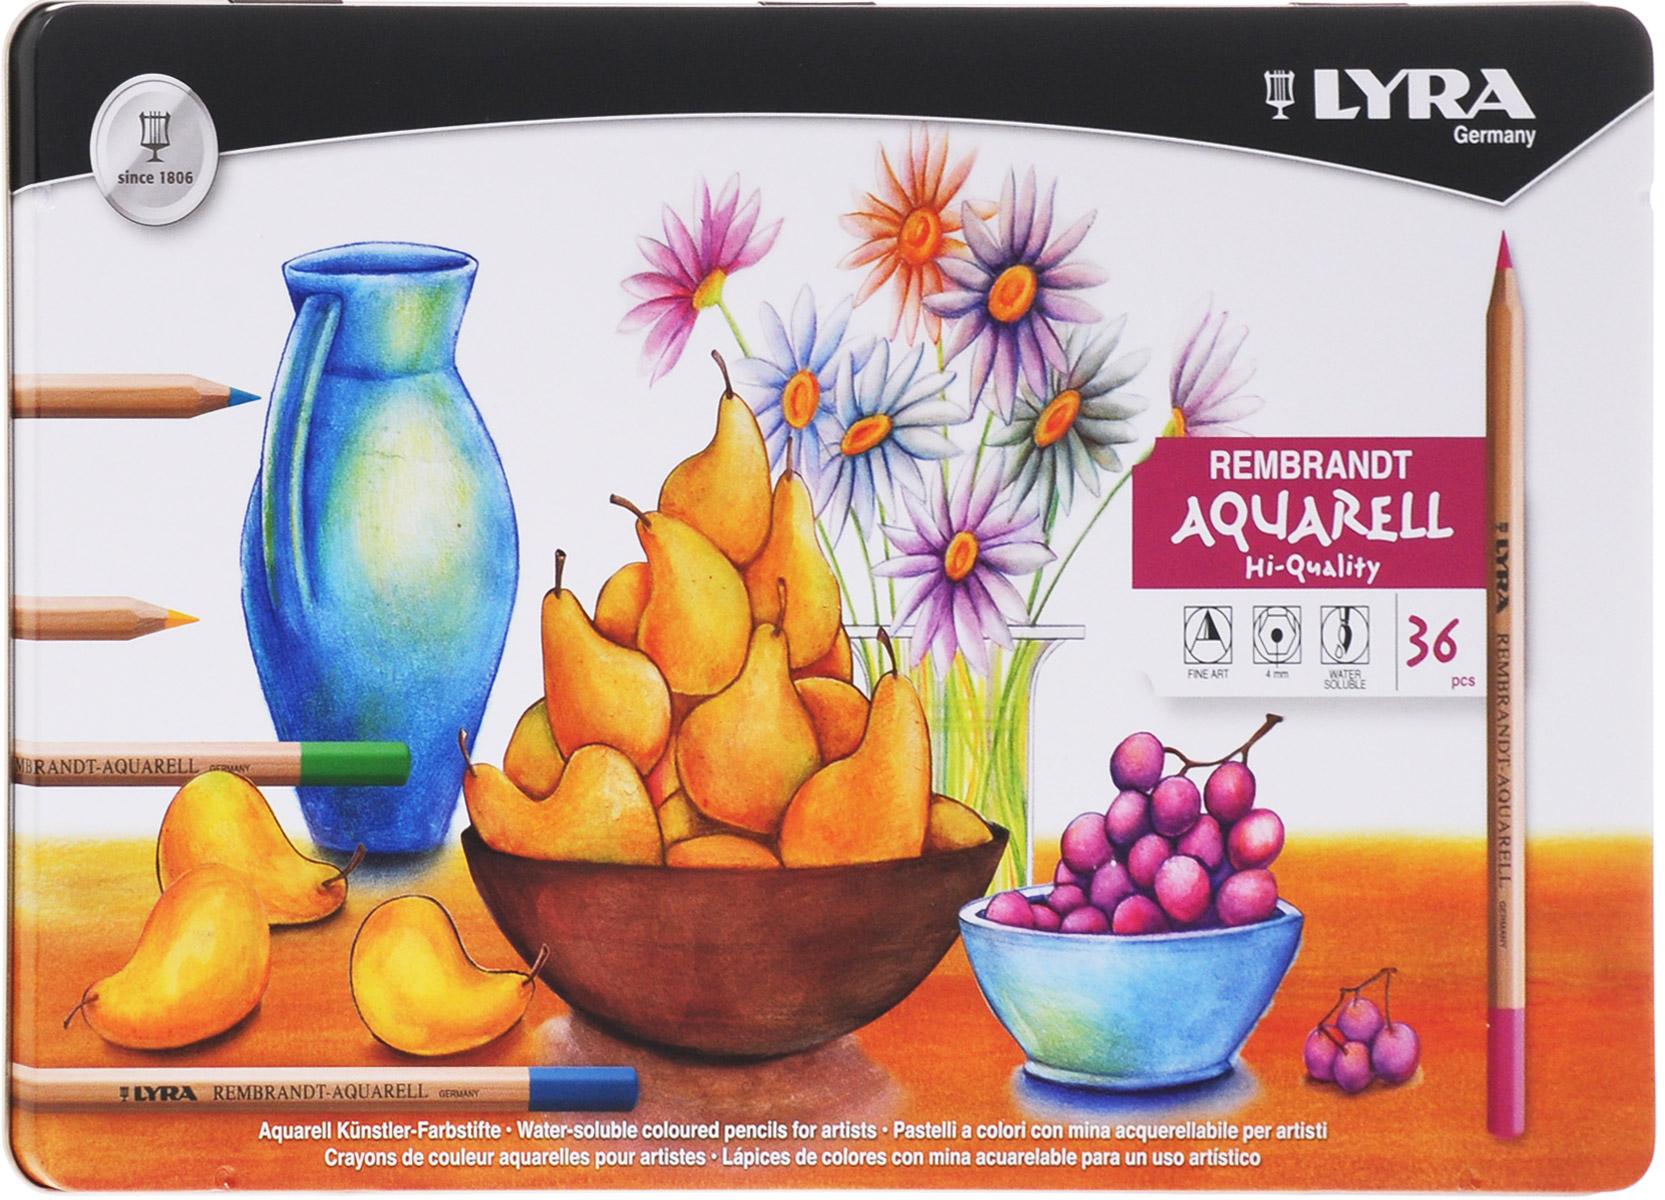 Lyra Набор художественных цветных карандашей Rembrandt Aquarell 36 штL2011360_кувшин, тарелка с грушами, виноградом, ваза с цветамиЦветовая палитра художественных карандашей Lyra Rembrandt Aquarell содержит большое разнообразие оттенков. Благодаря качеству пигментов в грифеле карандаша цвета получаются яркими, хорошо смешиваются и почти полностью размываются водой. При работе в этой технике вы сначала рисуете изображение карандашами, а затем с помощью мягкой кисти размываете его водой. Каждый цветной карандаш Rembrandt Aquarell дает выразительный оттенок, устойчивый к выцветанию. Поэкспериментируйте, чтобы добиться различных вариантов прозрачности и непрозрачности.